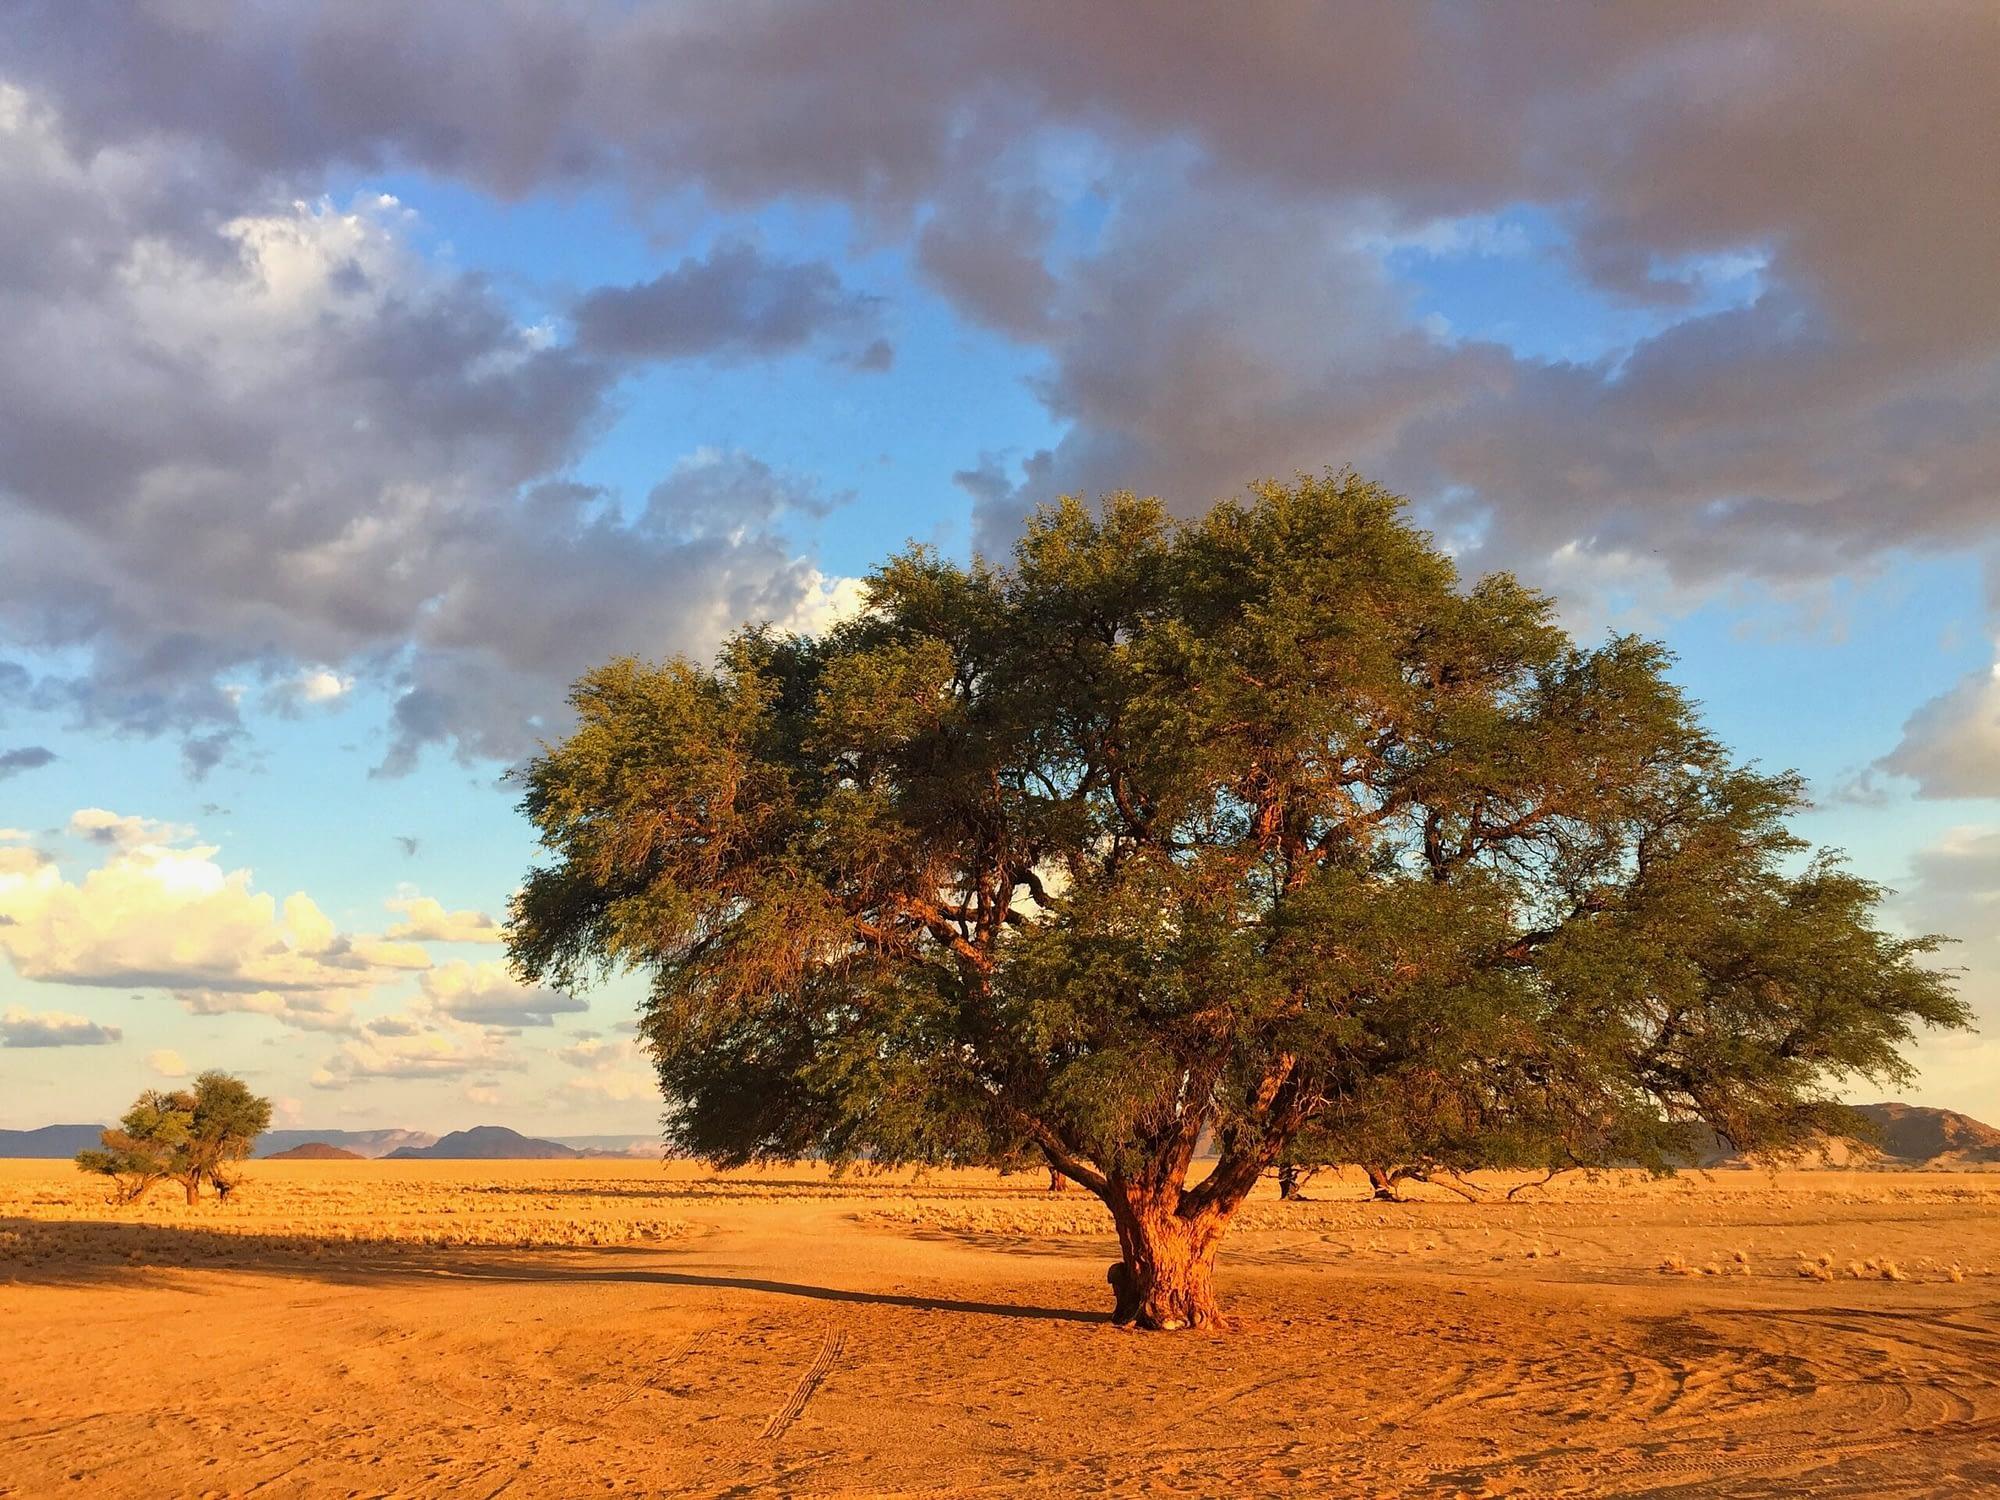 Bigh tree in the desert before sunset